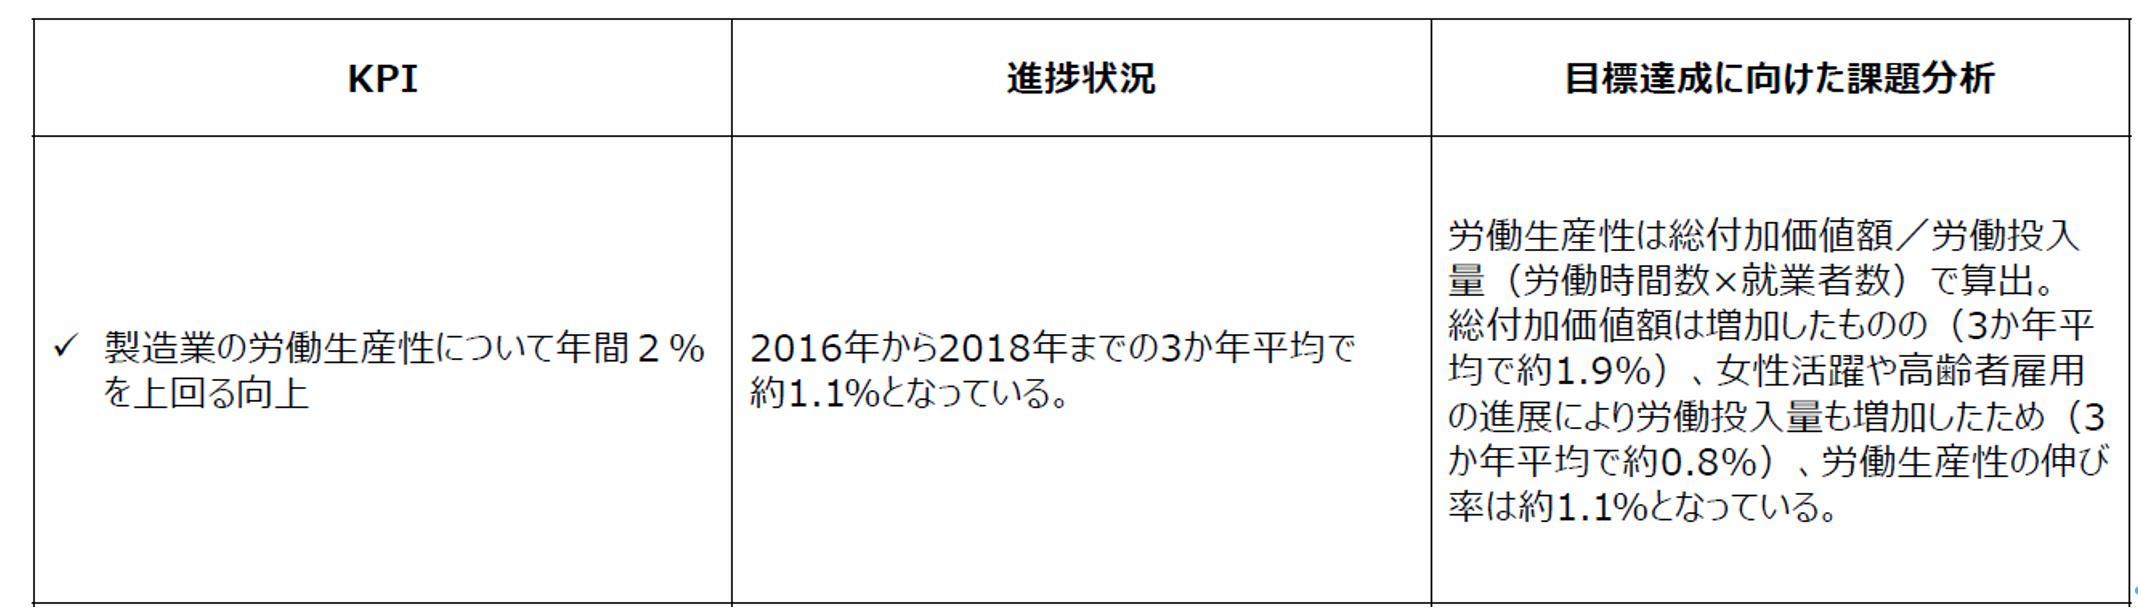 スクリーンショット 2021-01-29 9.50.16